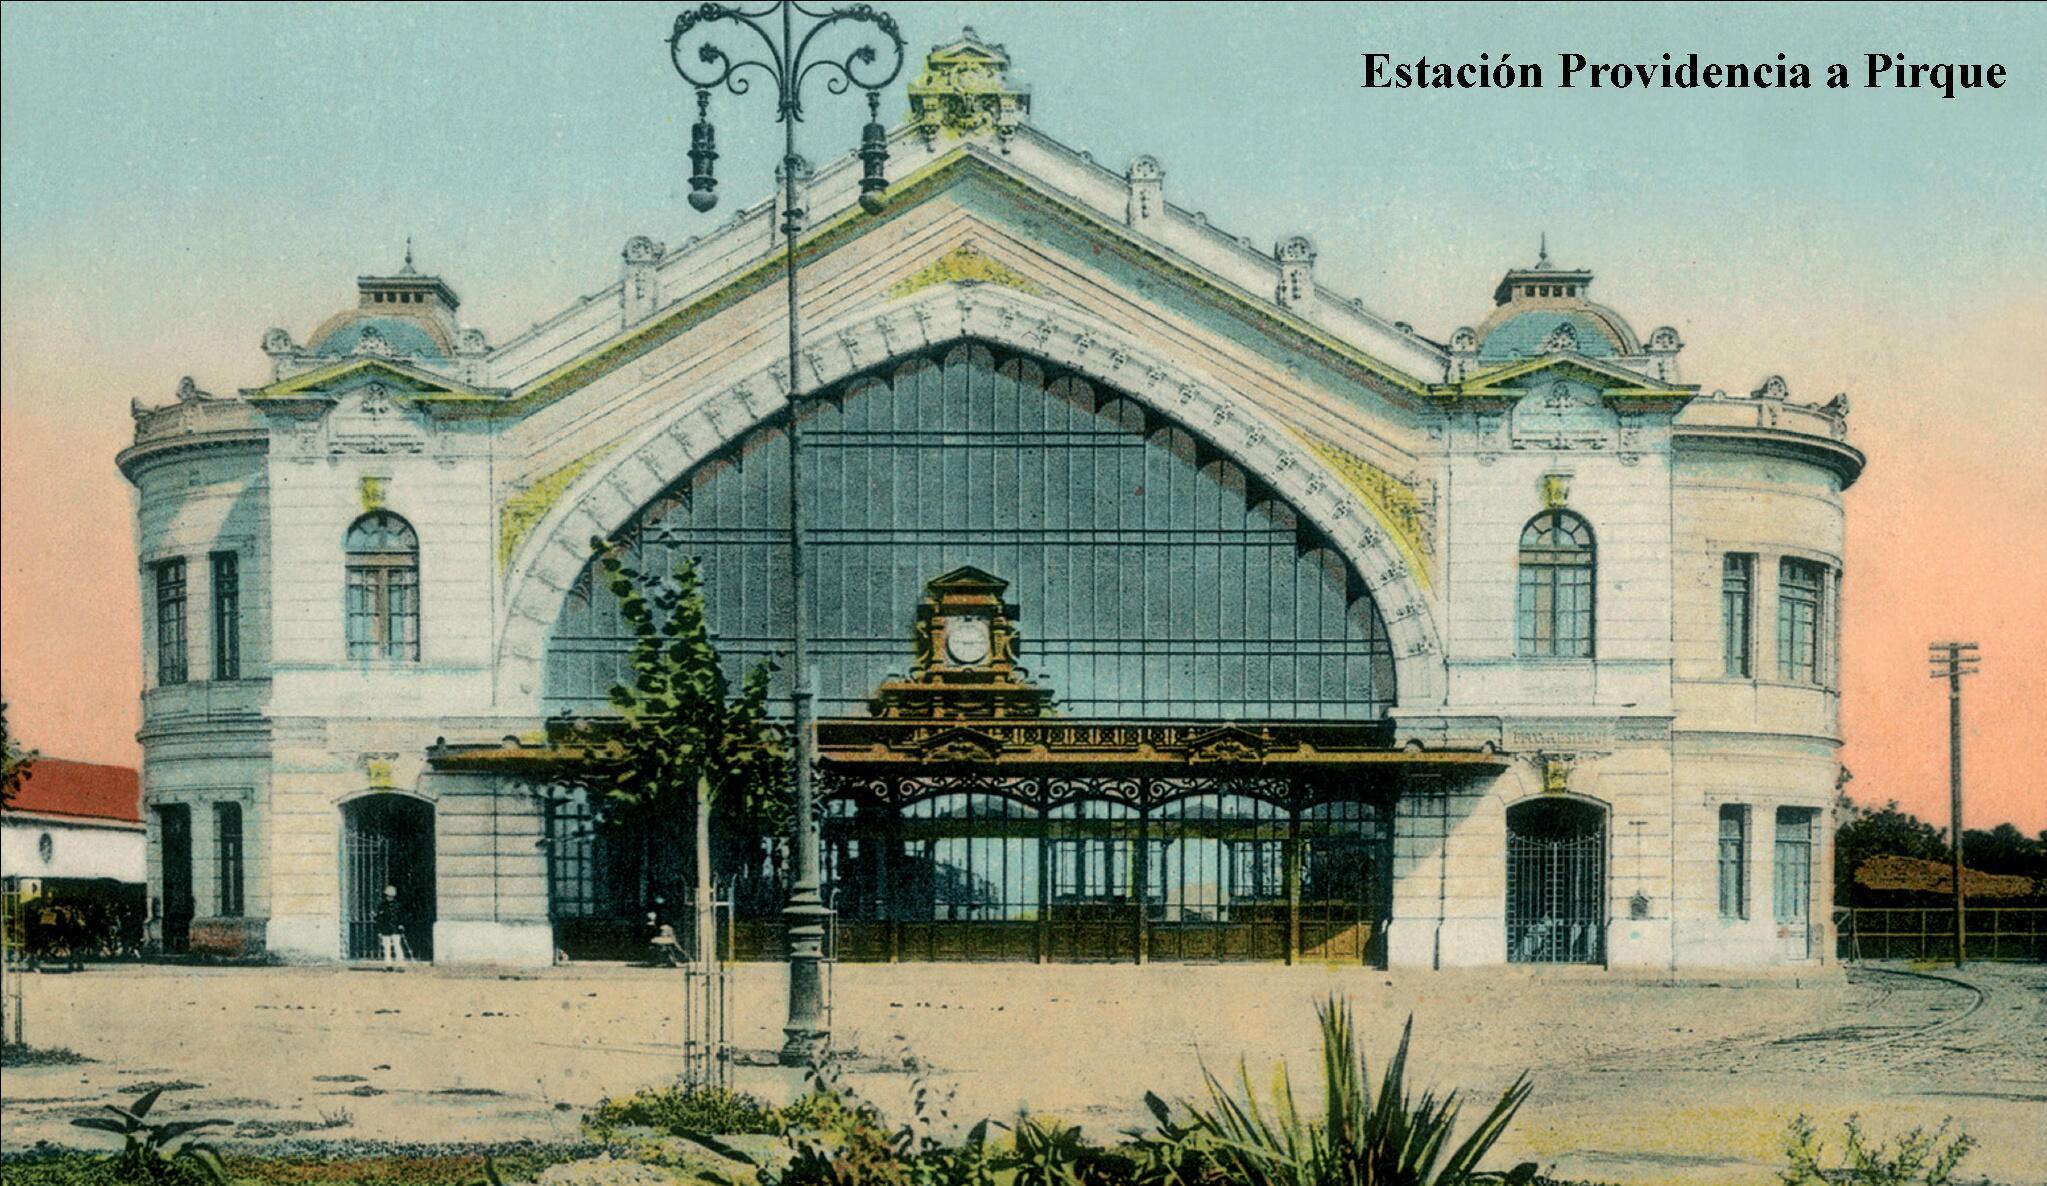 #Santiago Estación a Pirque que estaba ubiucada en Plaza Italia http://t.co/03CmVEFt5j